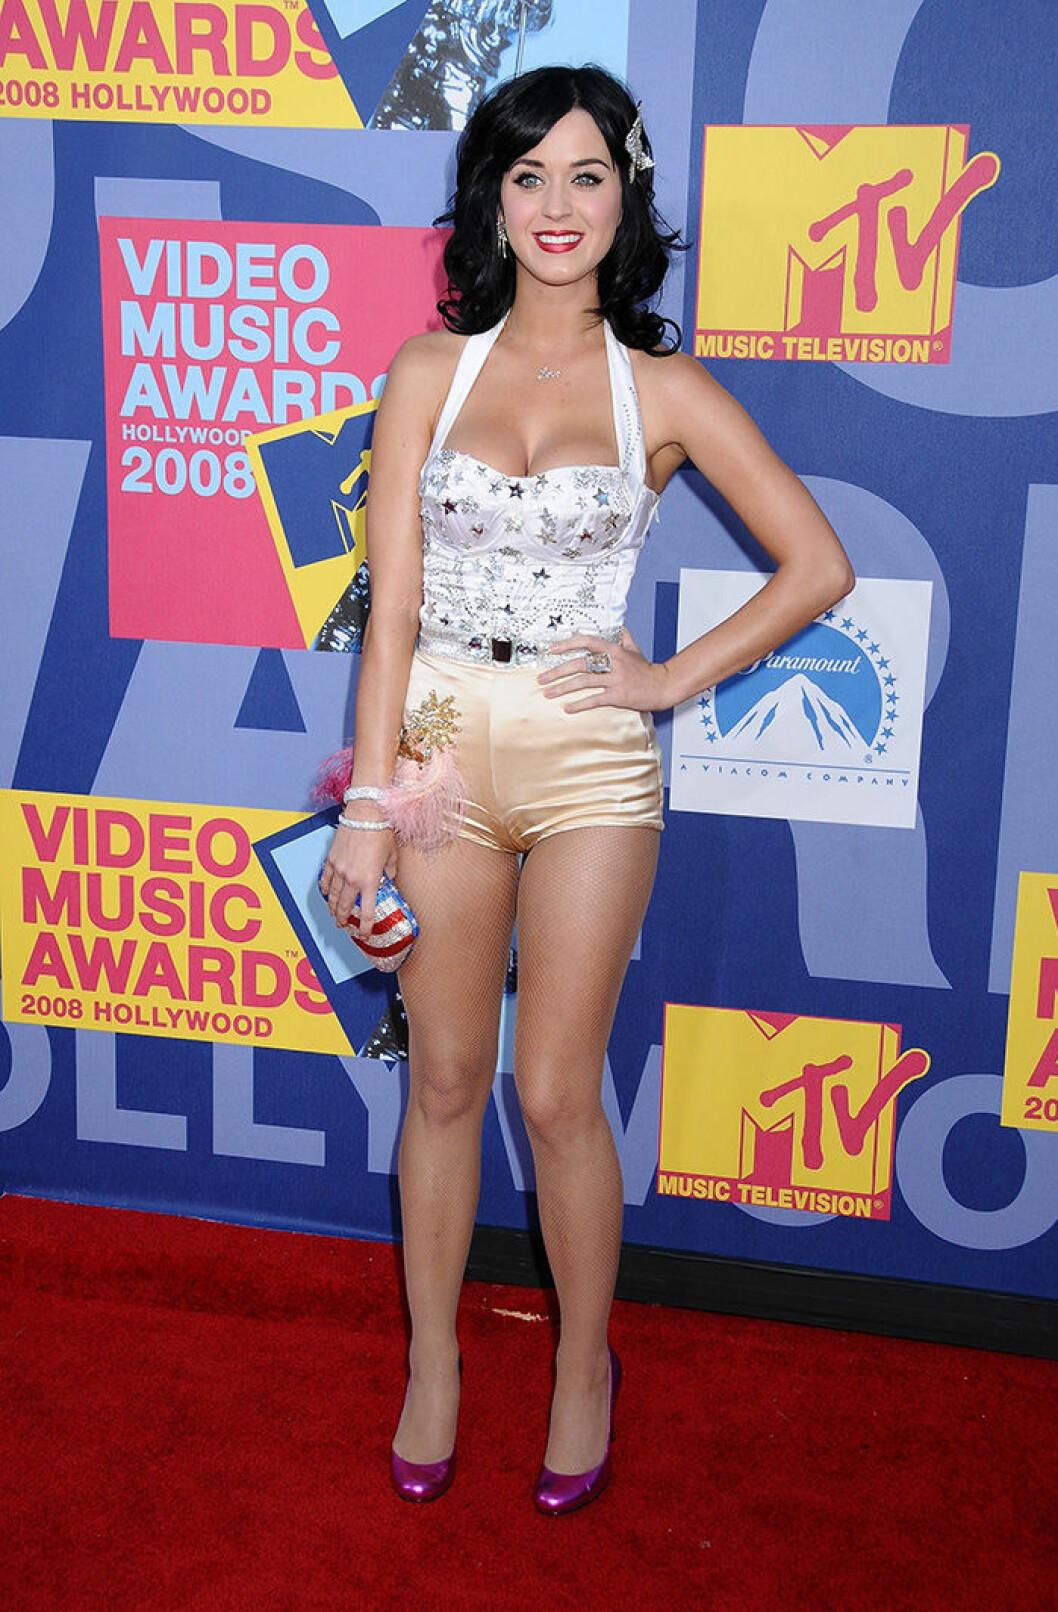 En bild på sångerskan Katy Perry under MTV Video Music Awards 2008.